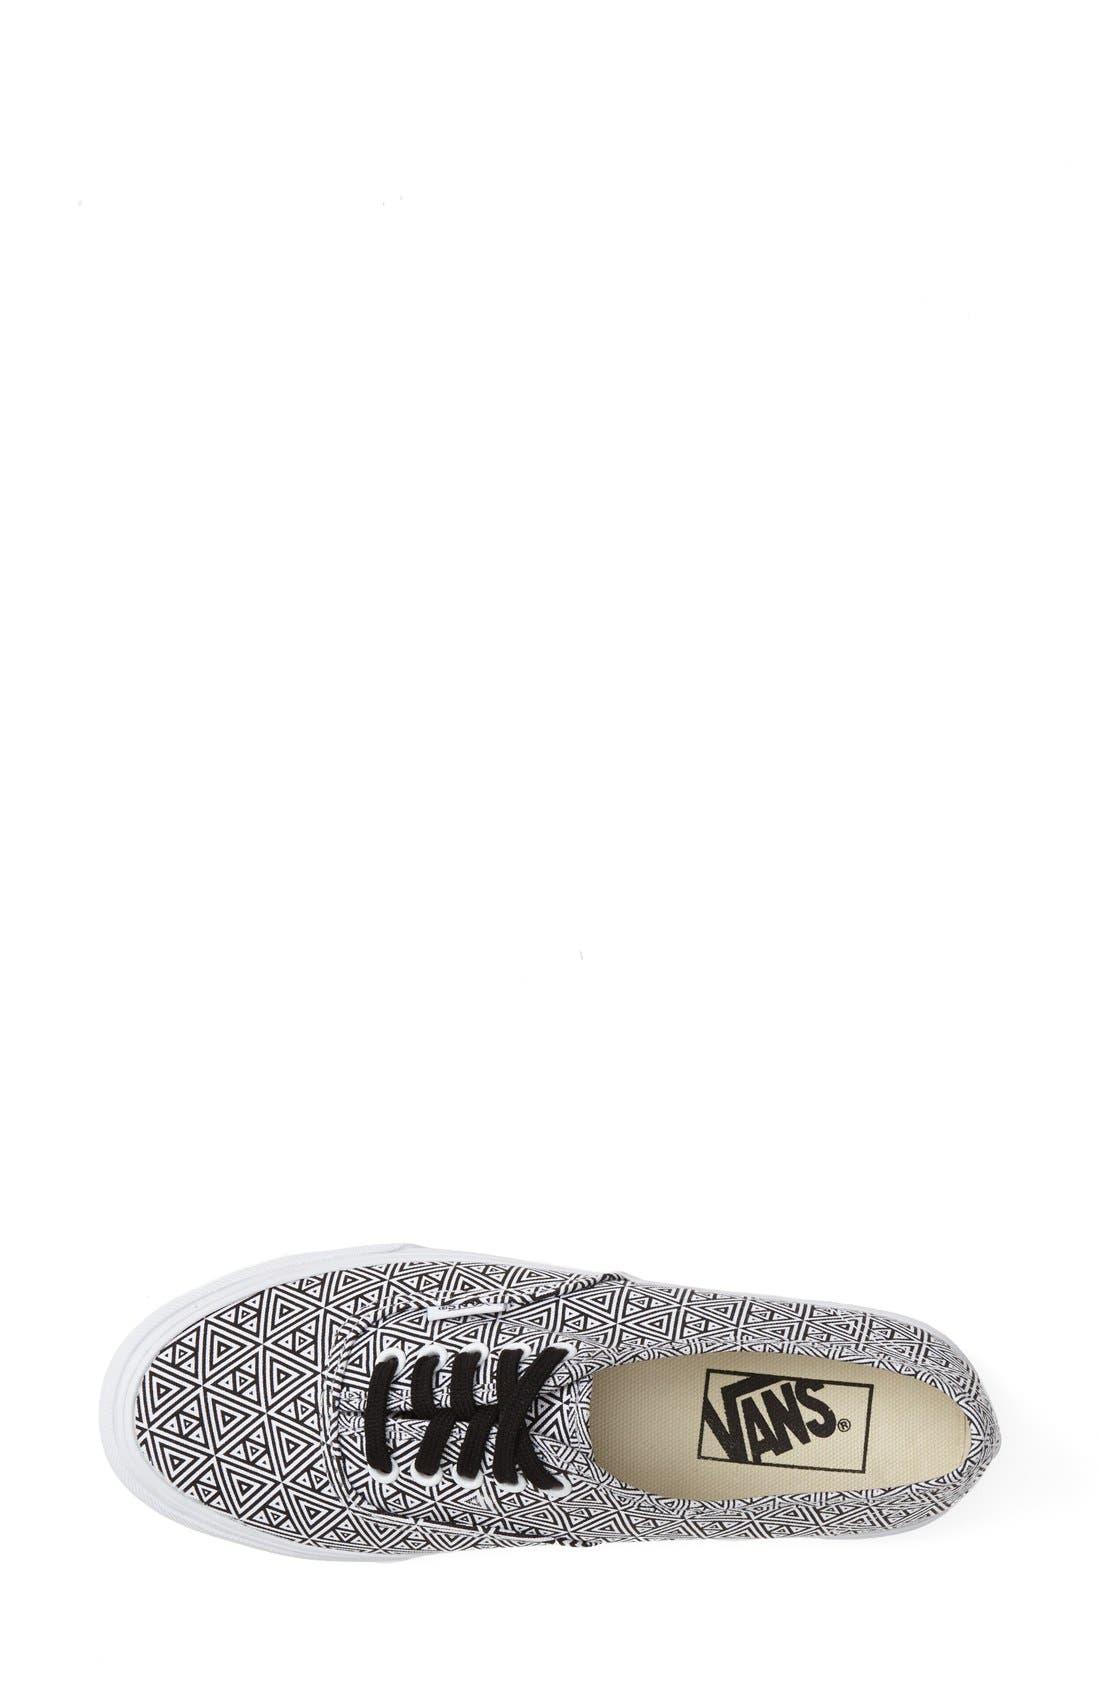 Alternate Image 3  - Vans 'Authentic Slim' Geo Print Sneaker (Women)